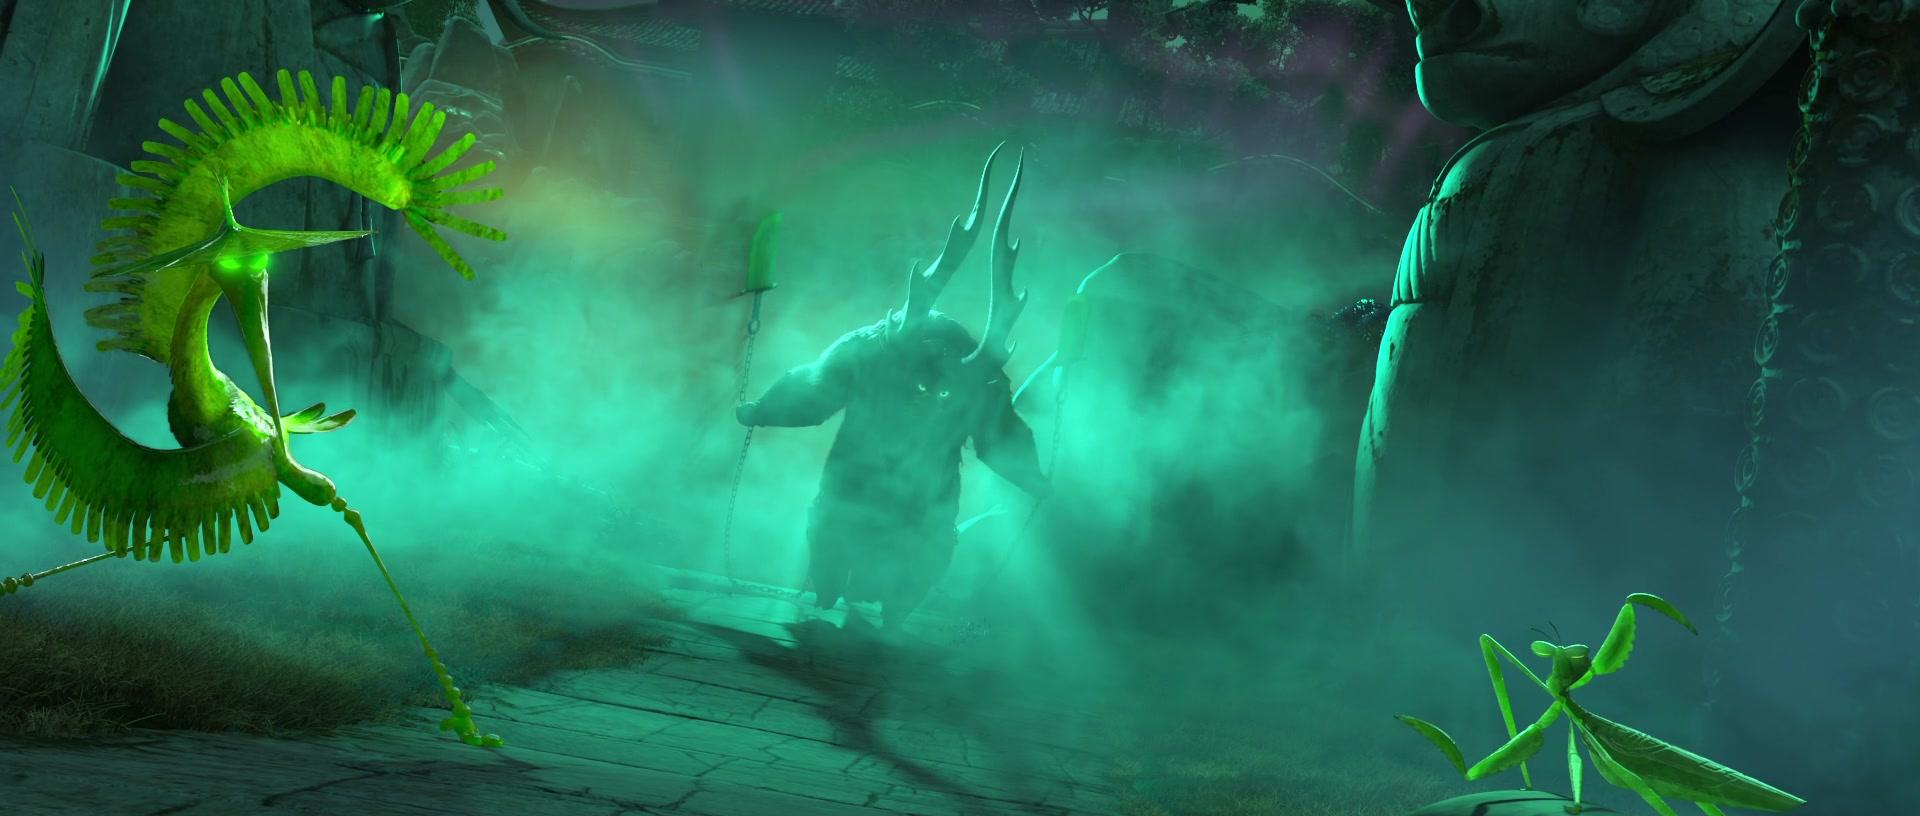 Kai-green-mist.jpg